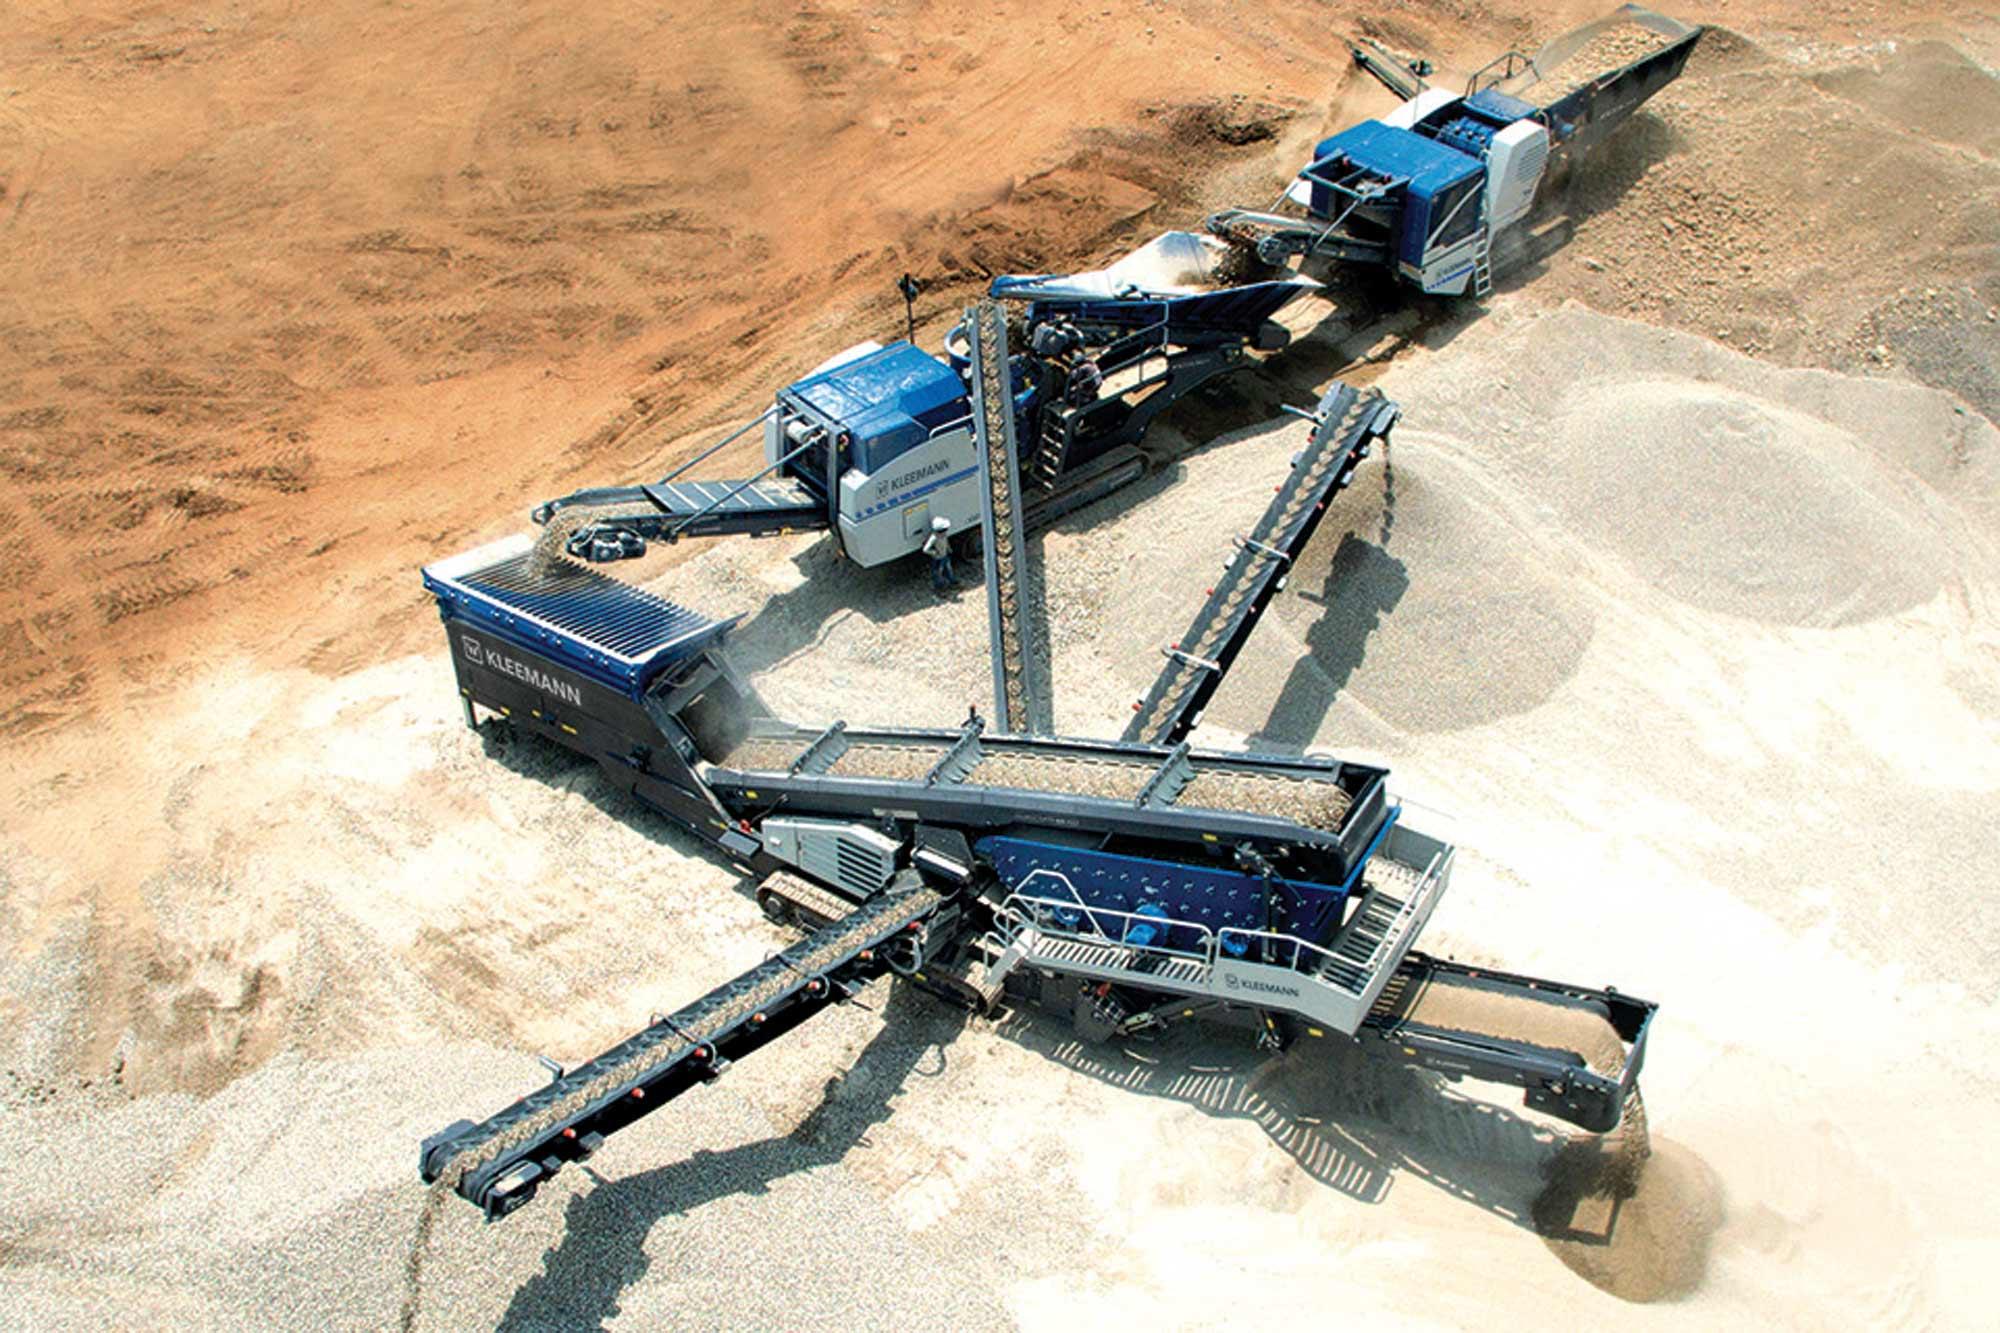 Buying stone crushing and screening equipment made easy